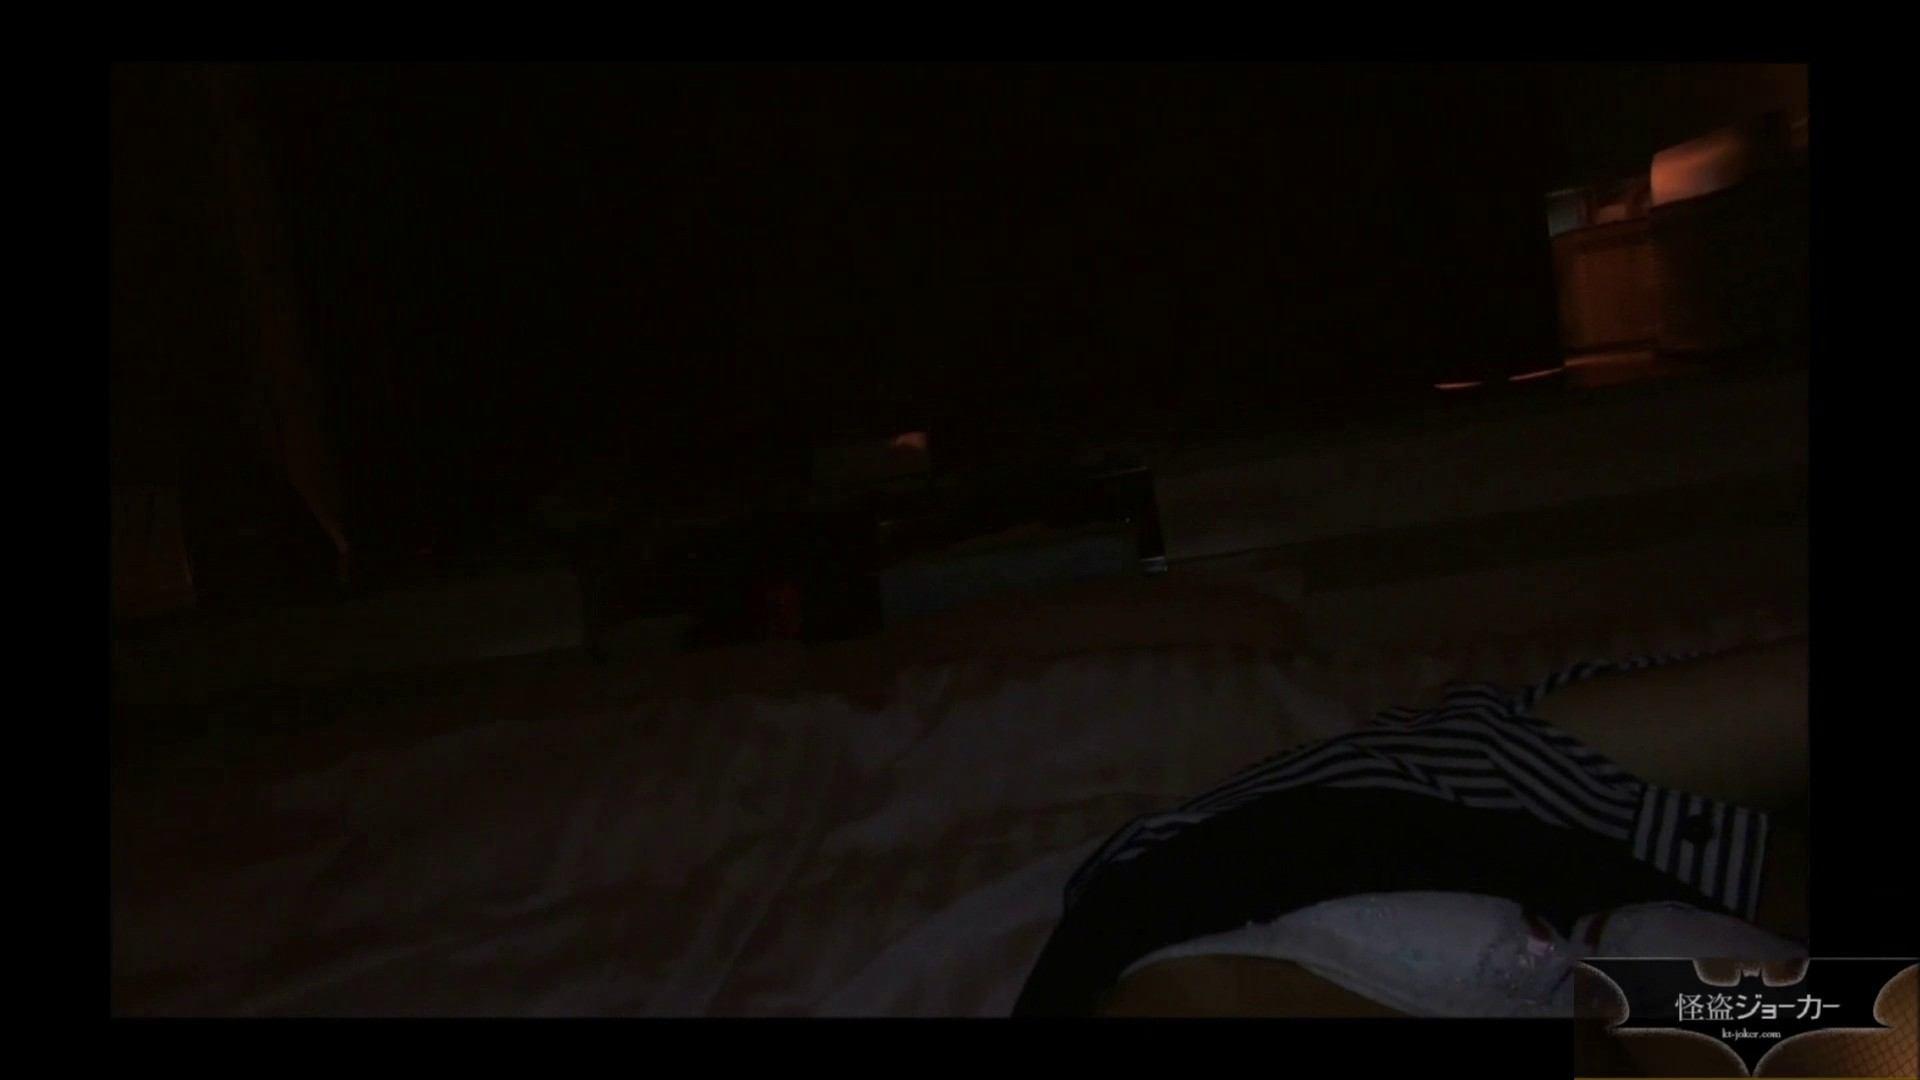 【未公開】vol.65 {黒髪美少女18歳}AIちゃん、連れ込み悪戯③ OLのボディ オマンコ無修正動画無料 65PIX 14